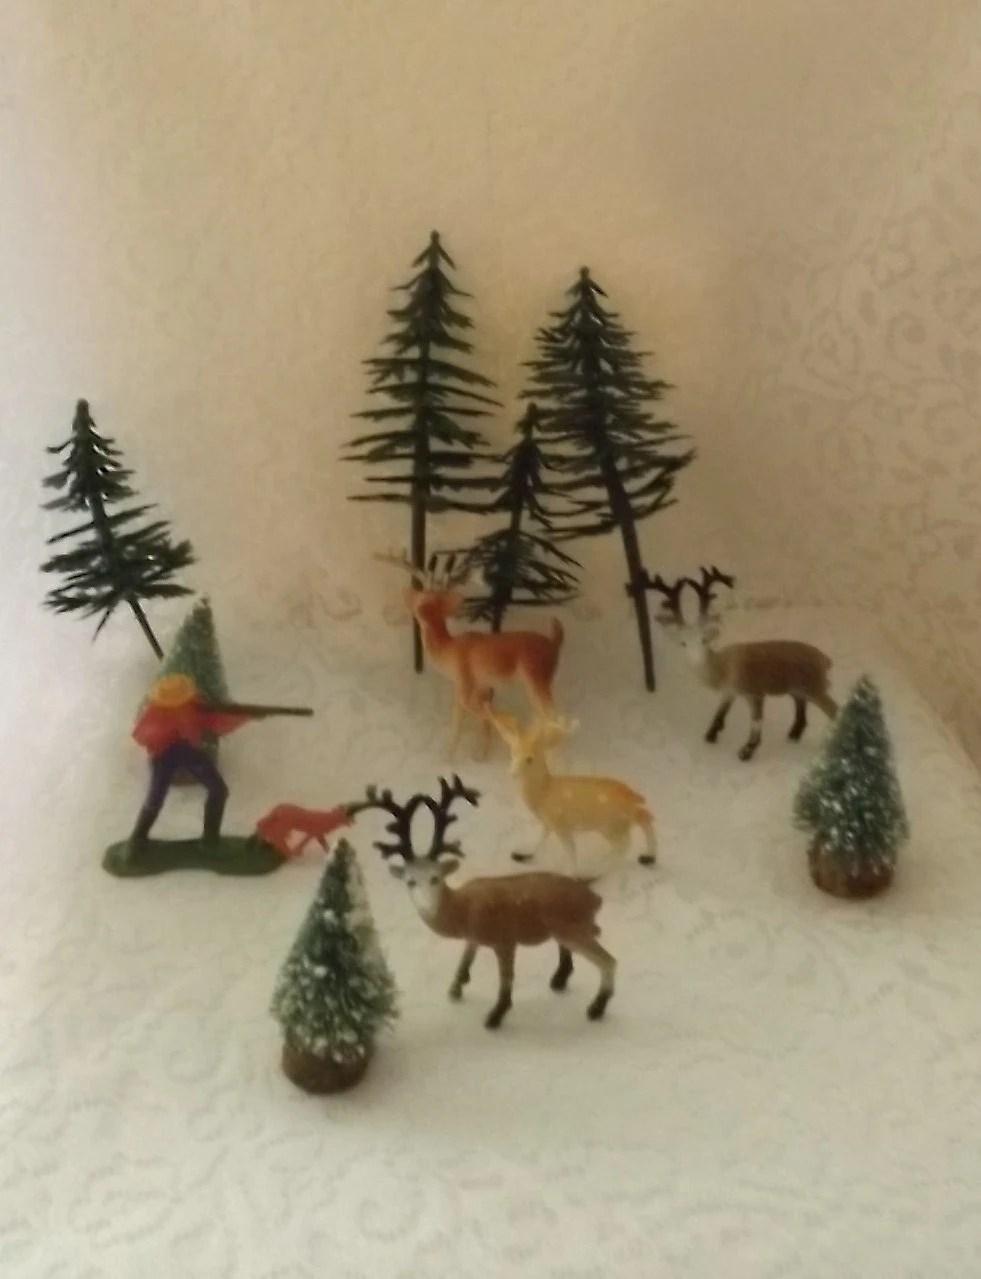 hunting theme forest deer plastic pine trees bottlebrush